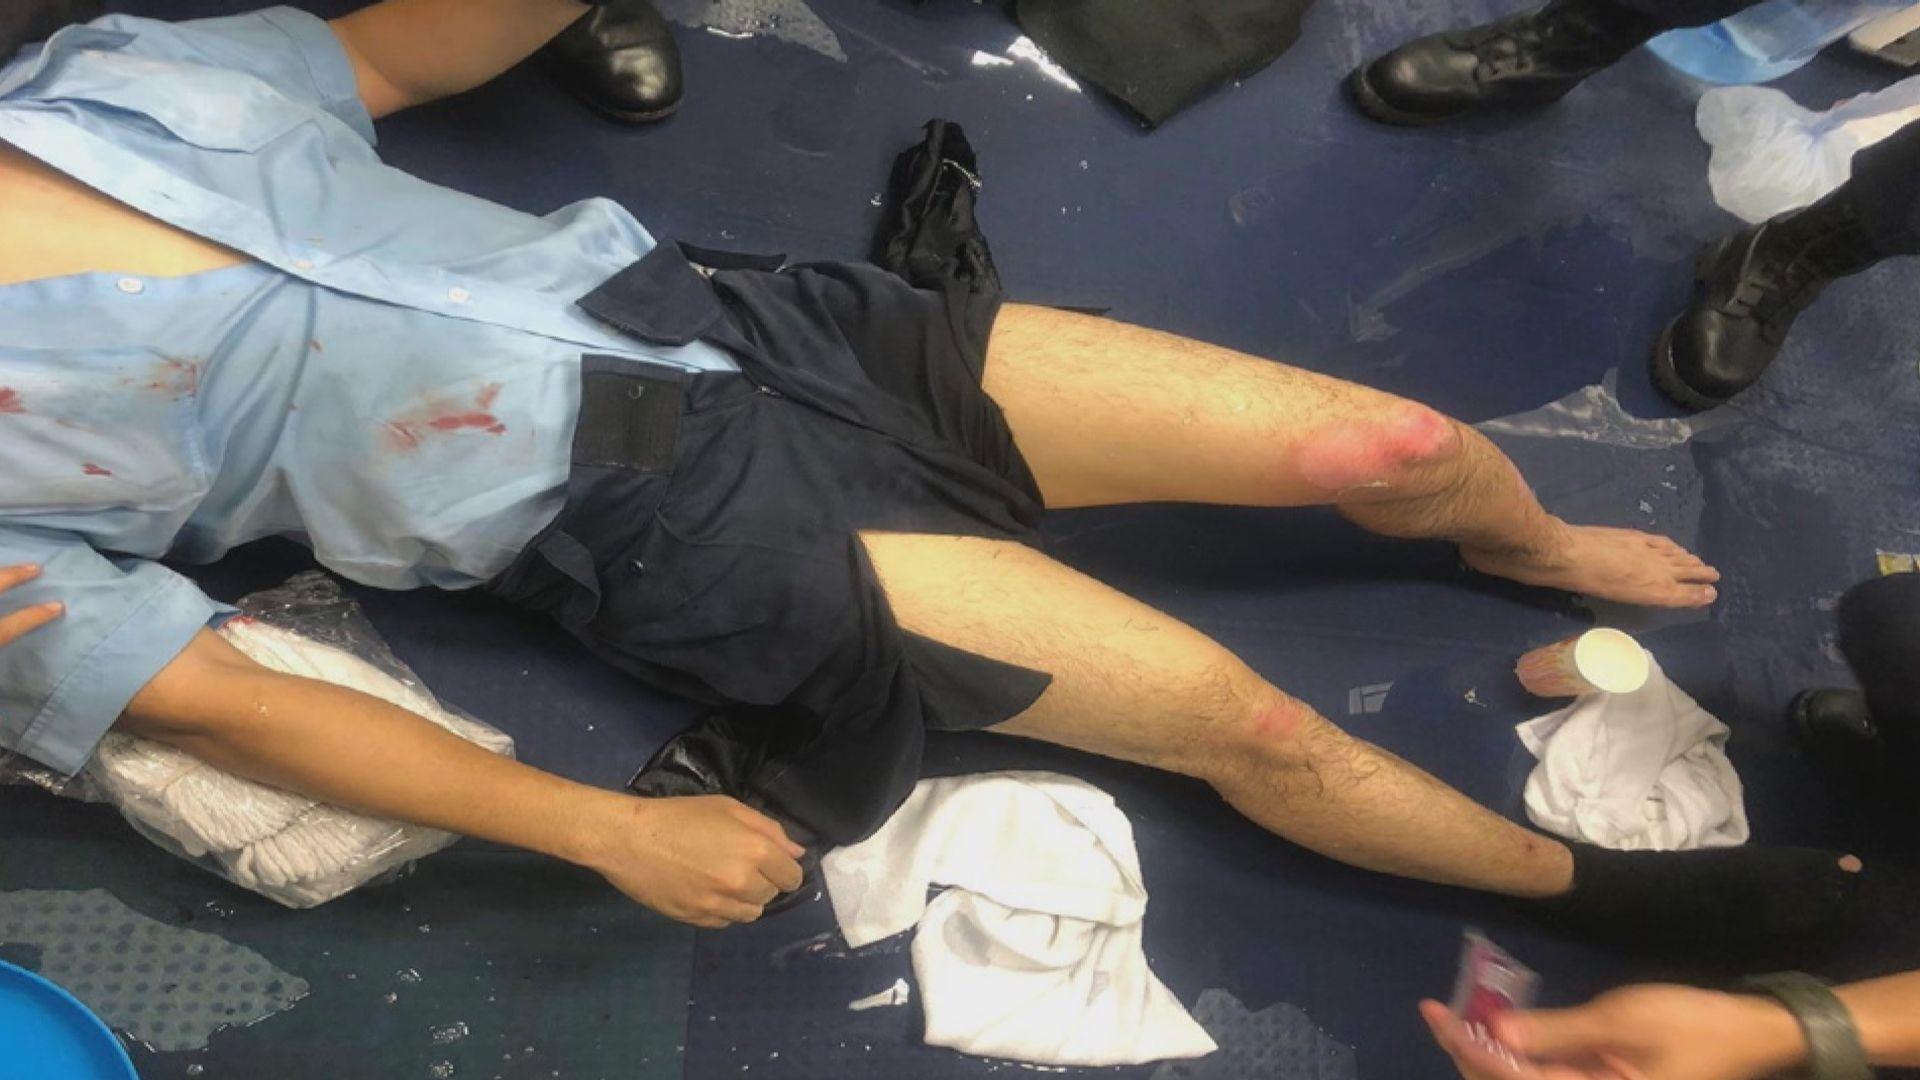 警務處強烈譴責非法暴力行為